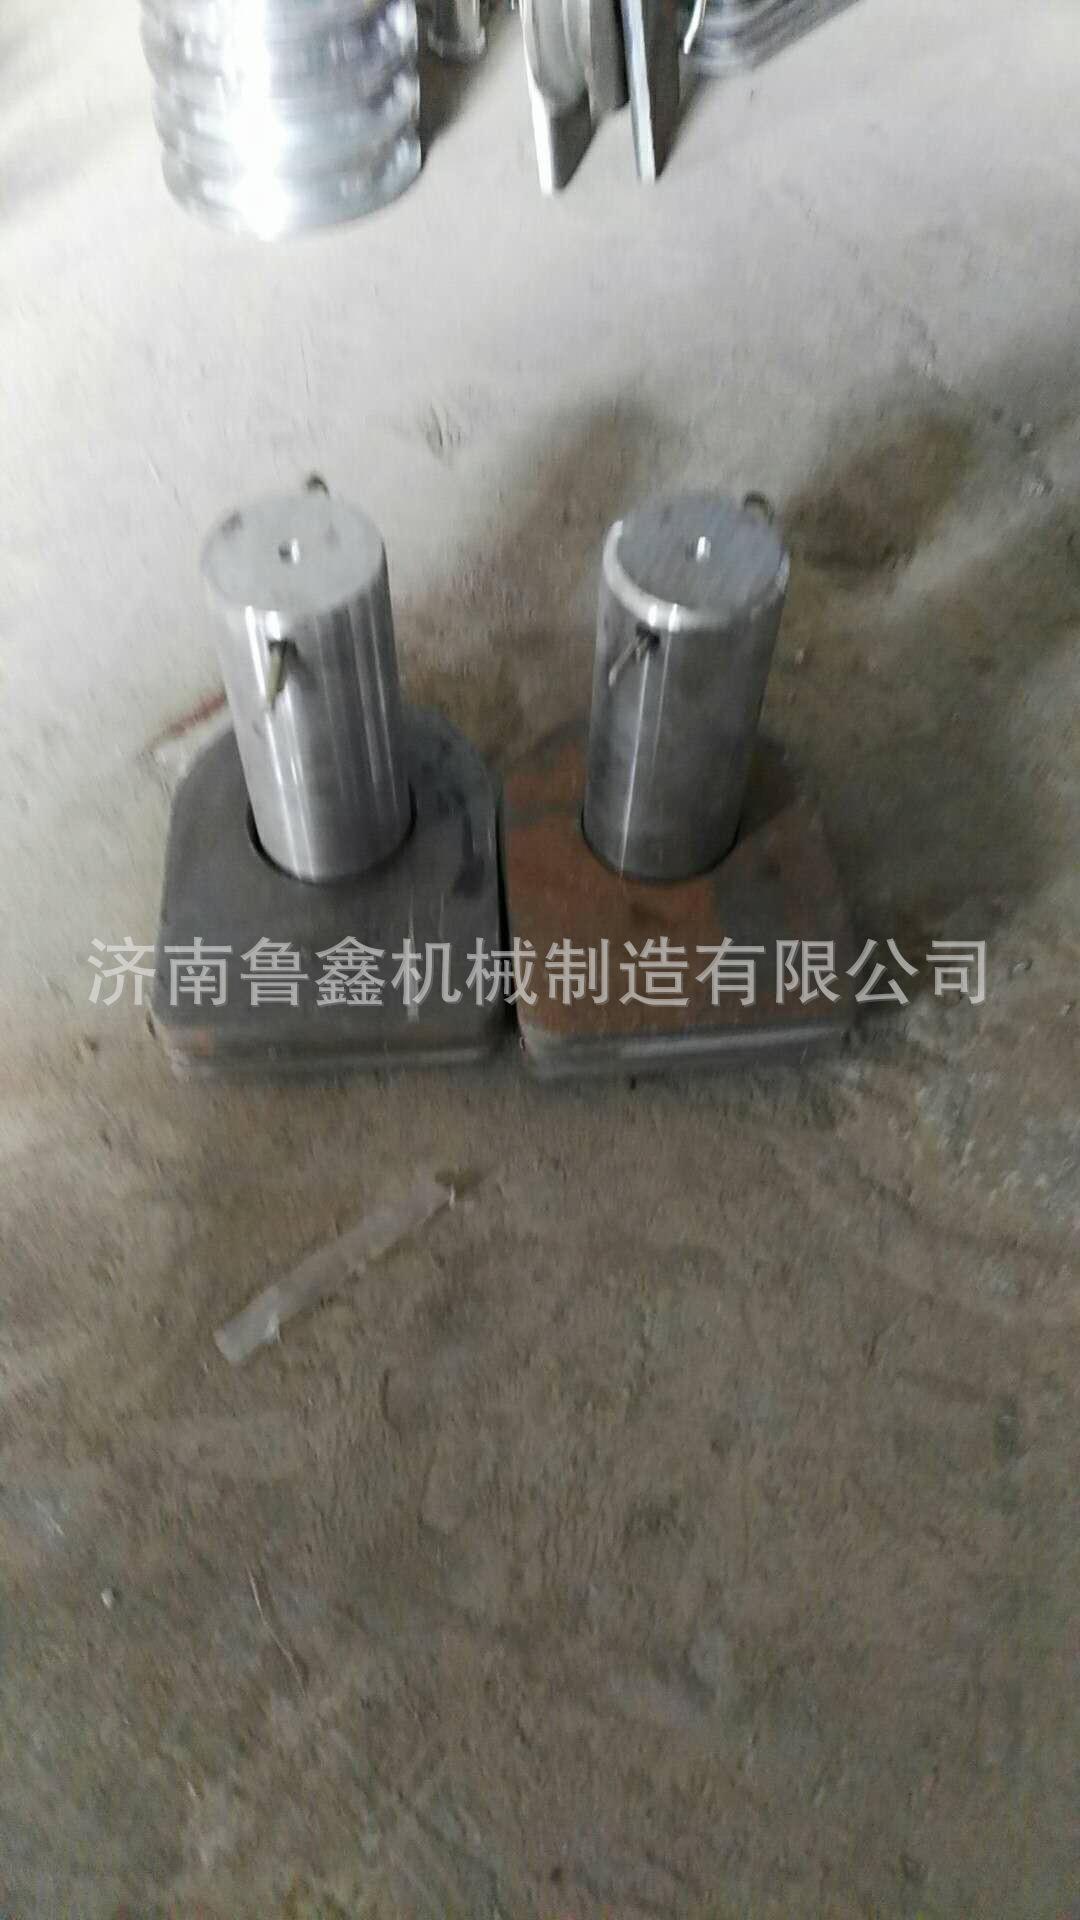 环保工程车辆液压油缸厂家定做批发 80/65-300 济南鲁鑫示例图24